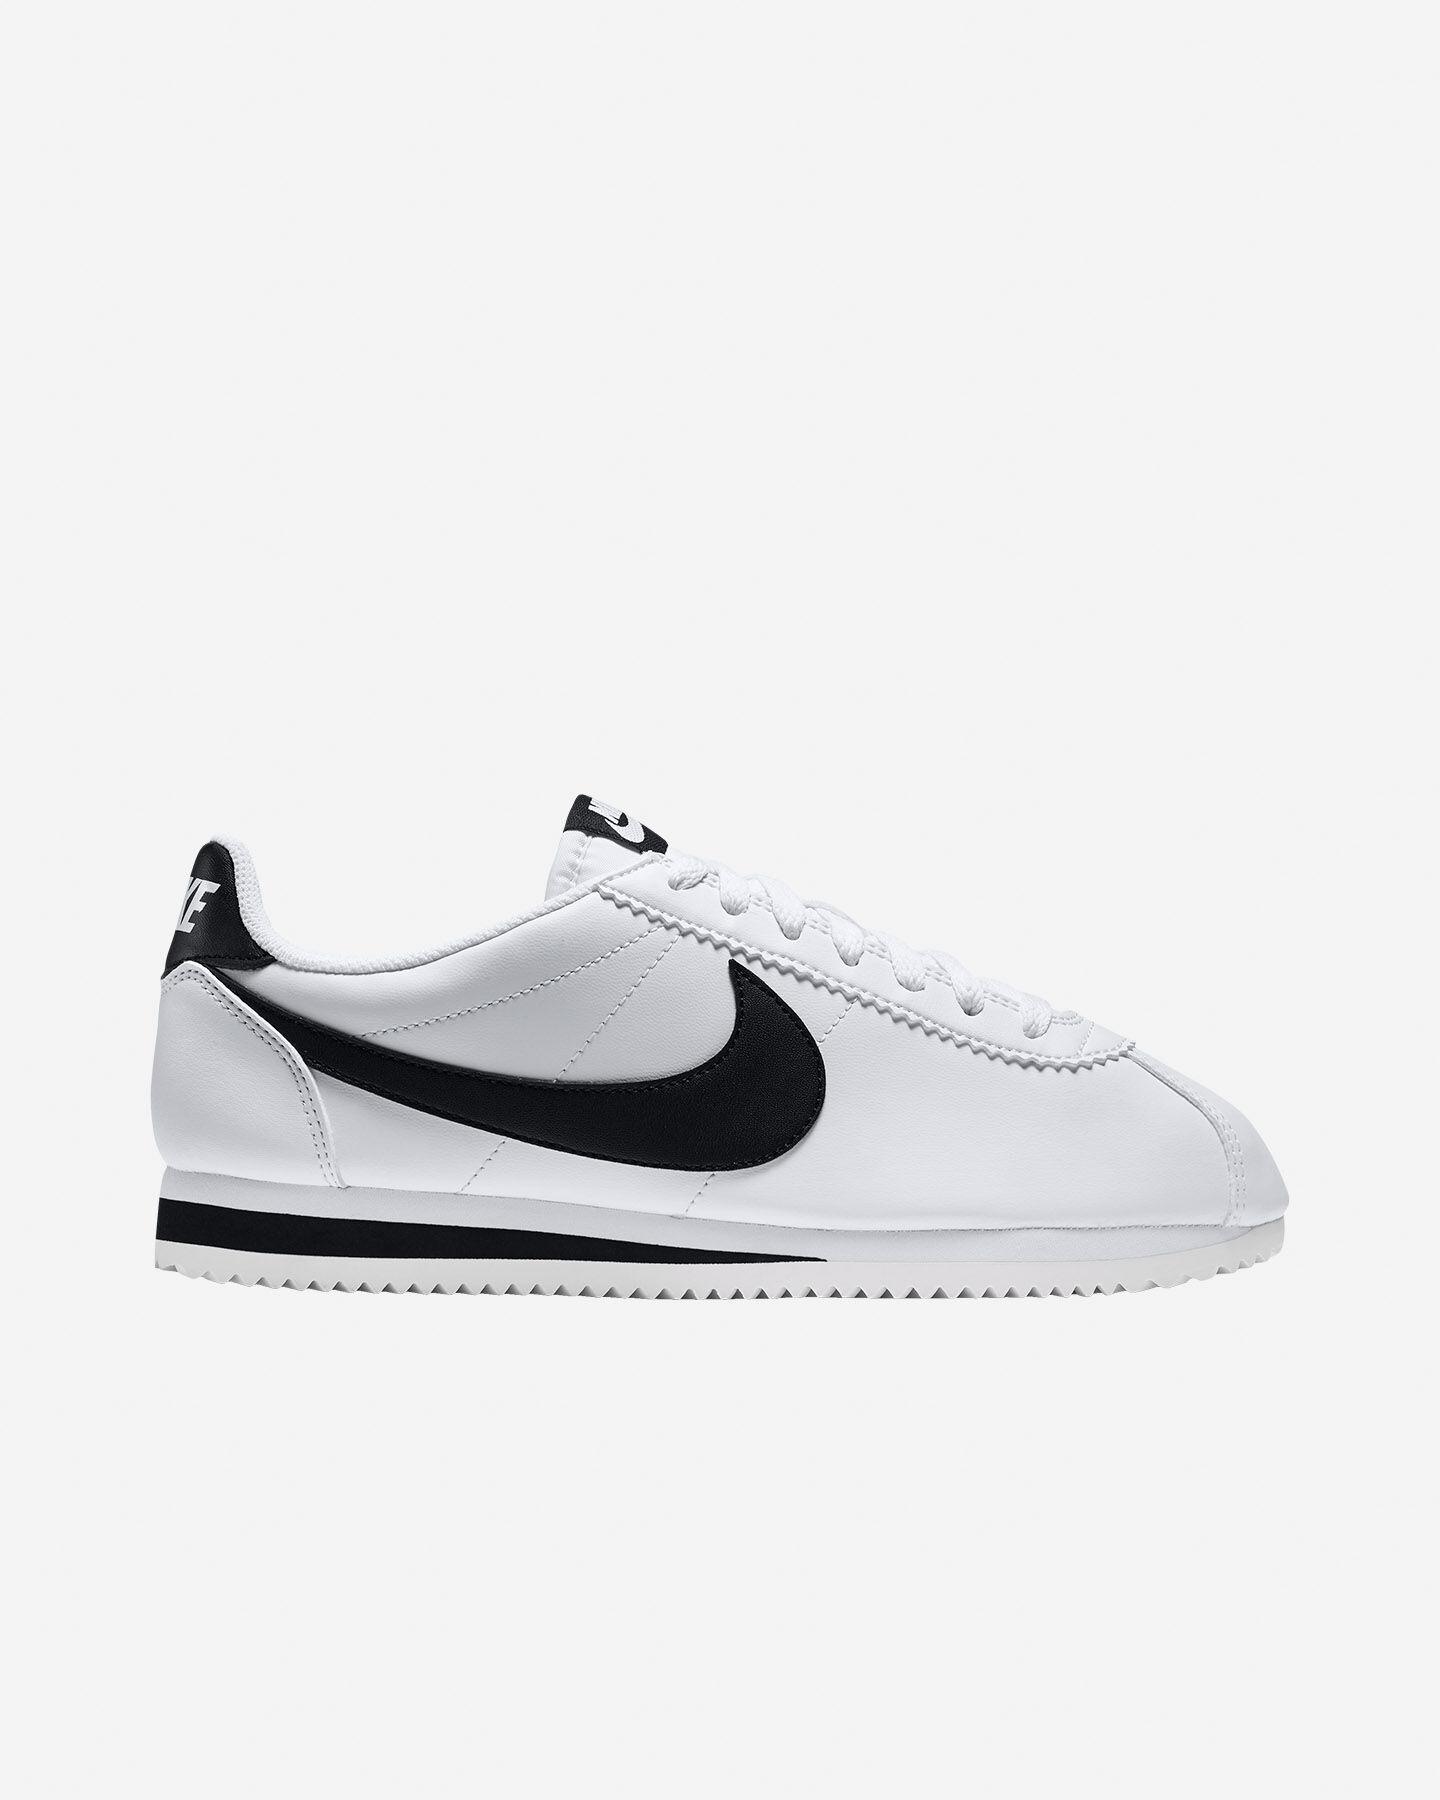 Classic Sport Sneakers Cisalfa Cortez Scarpe 807471 Nike Su W Zd7qOwxw b6346c8221d4